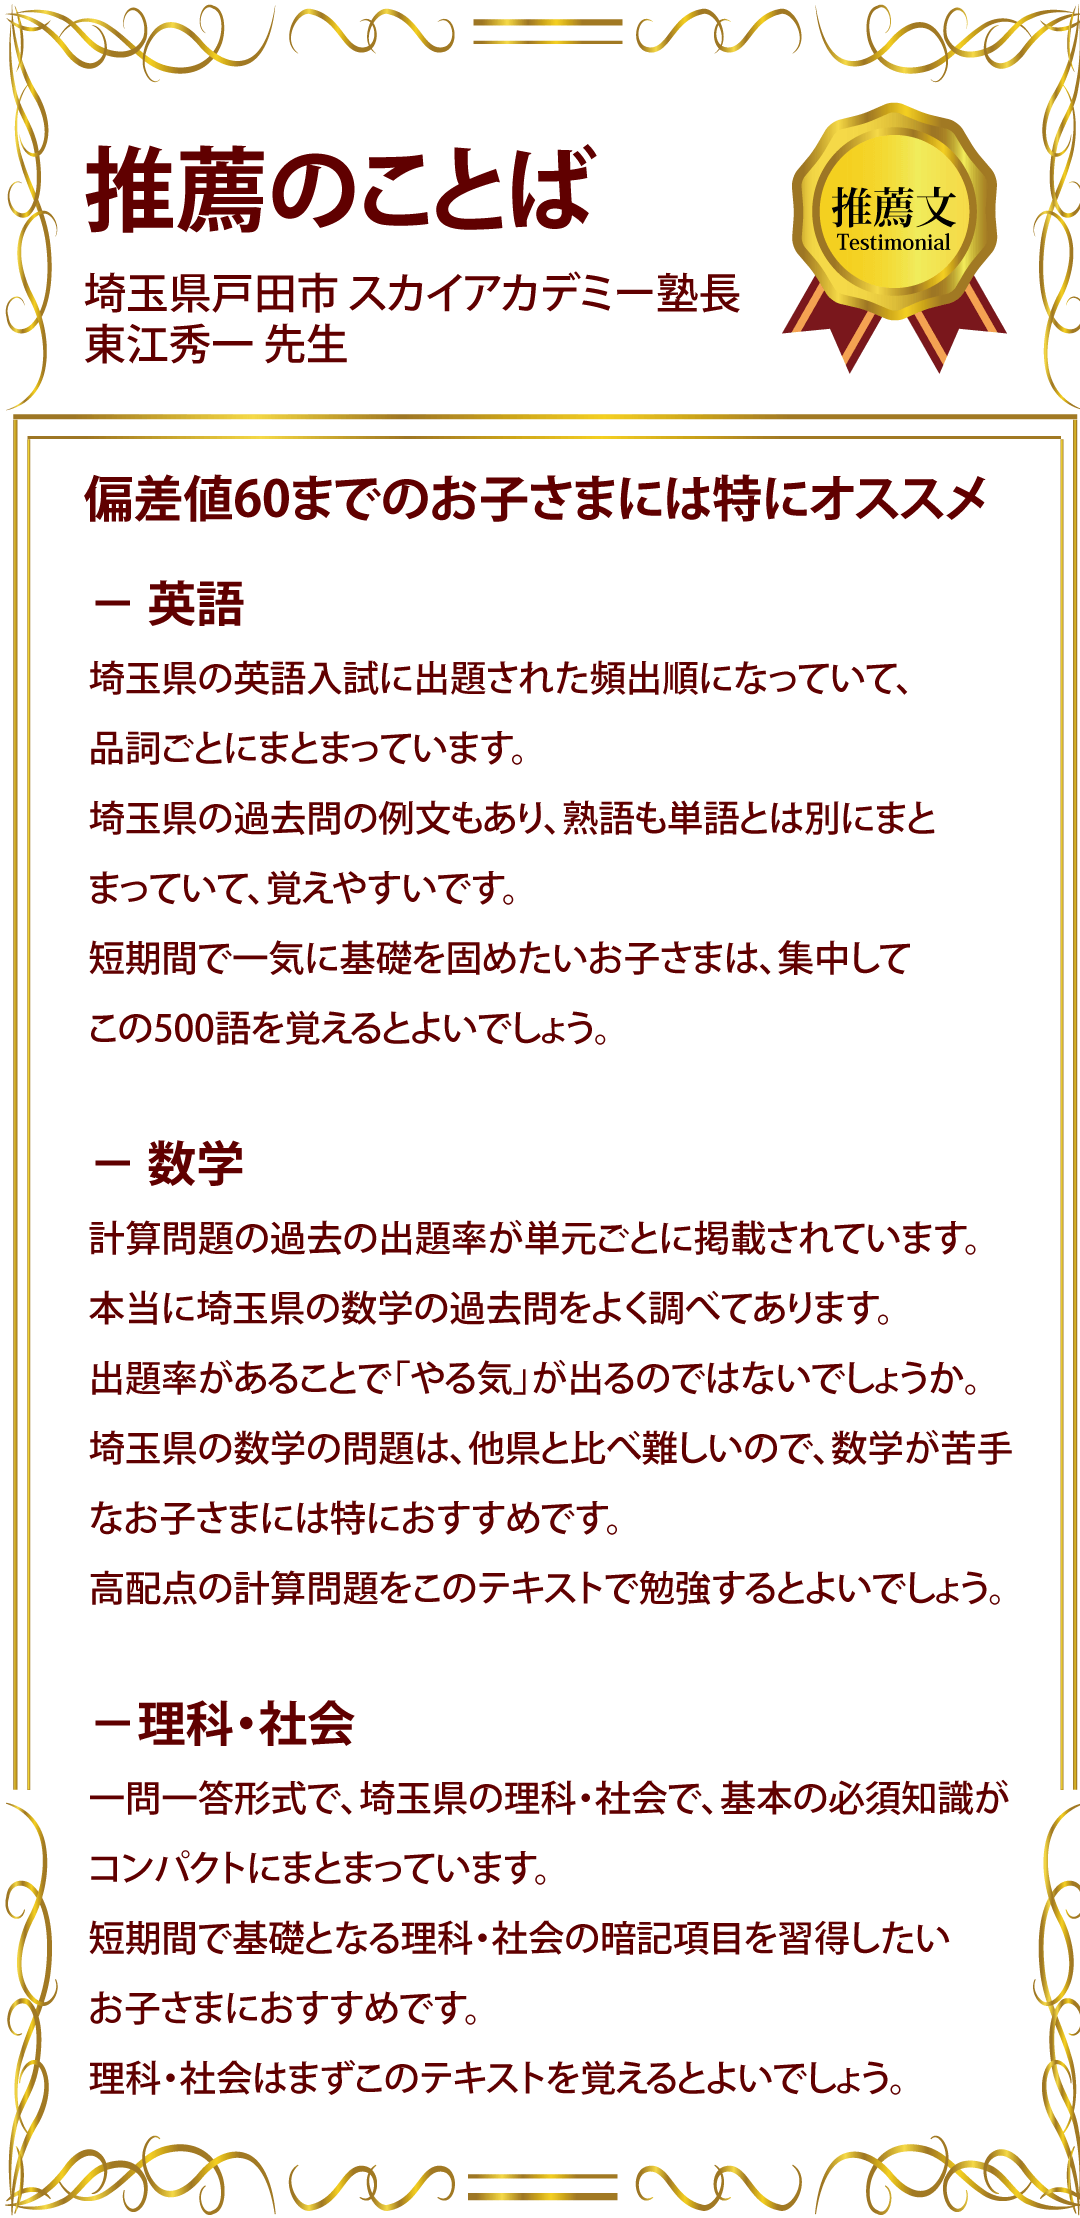 推薦の言葉|埼玉県高校入試頻出過去問